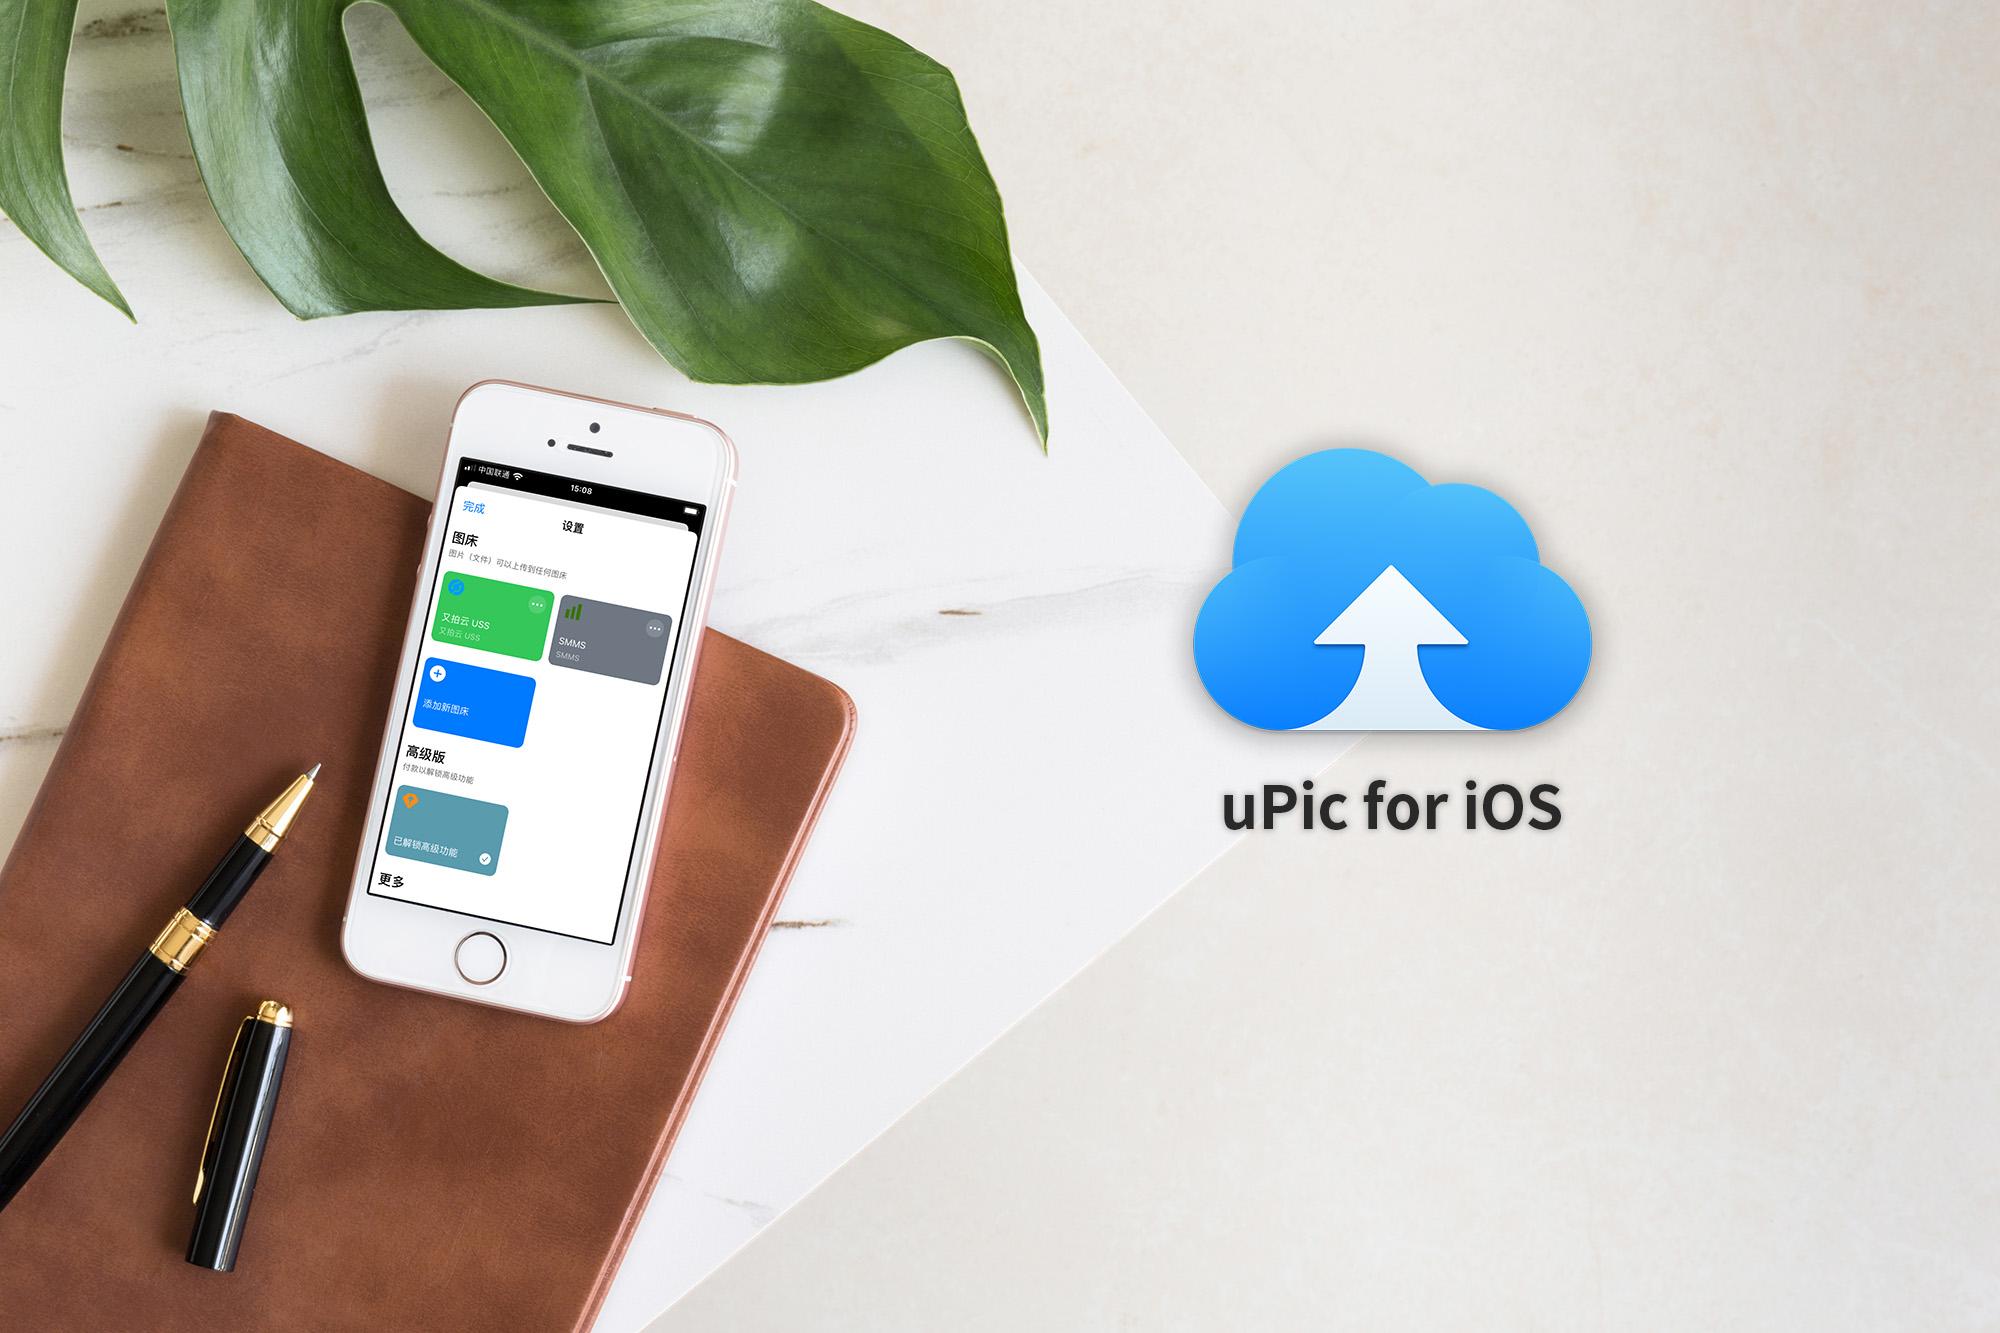 手机写作传图利器,iOS 版 uPic 使用轻体验